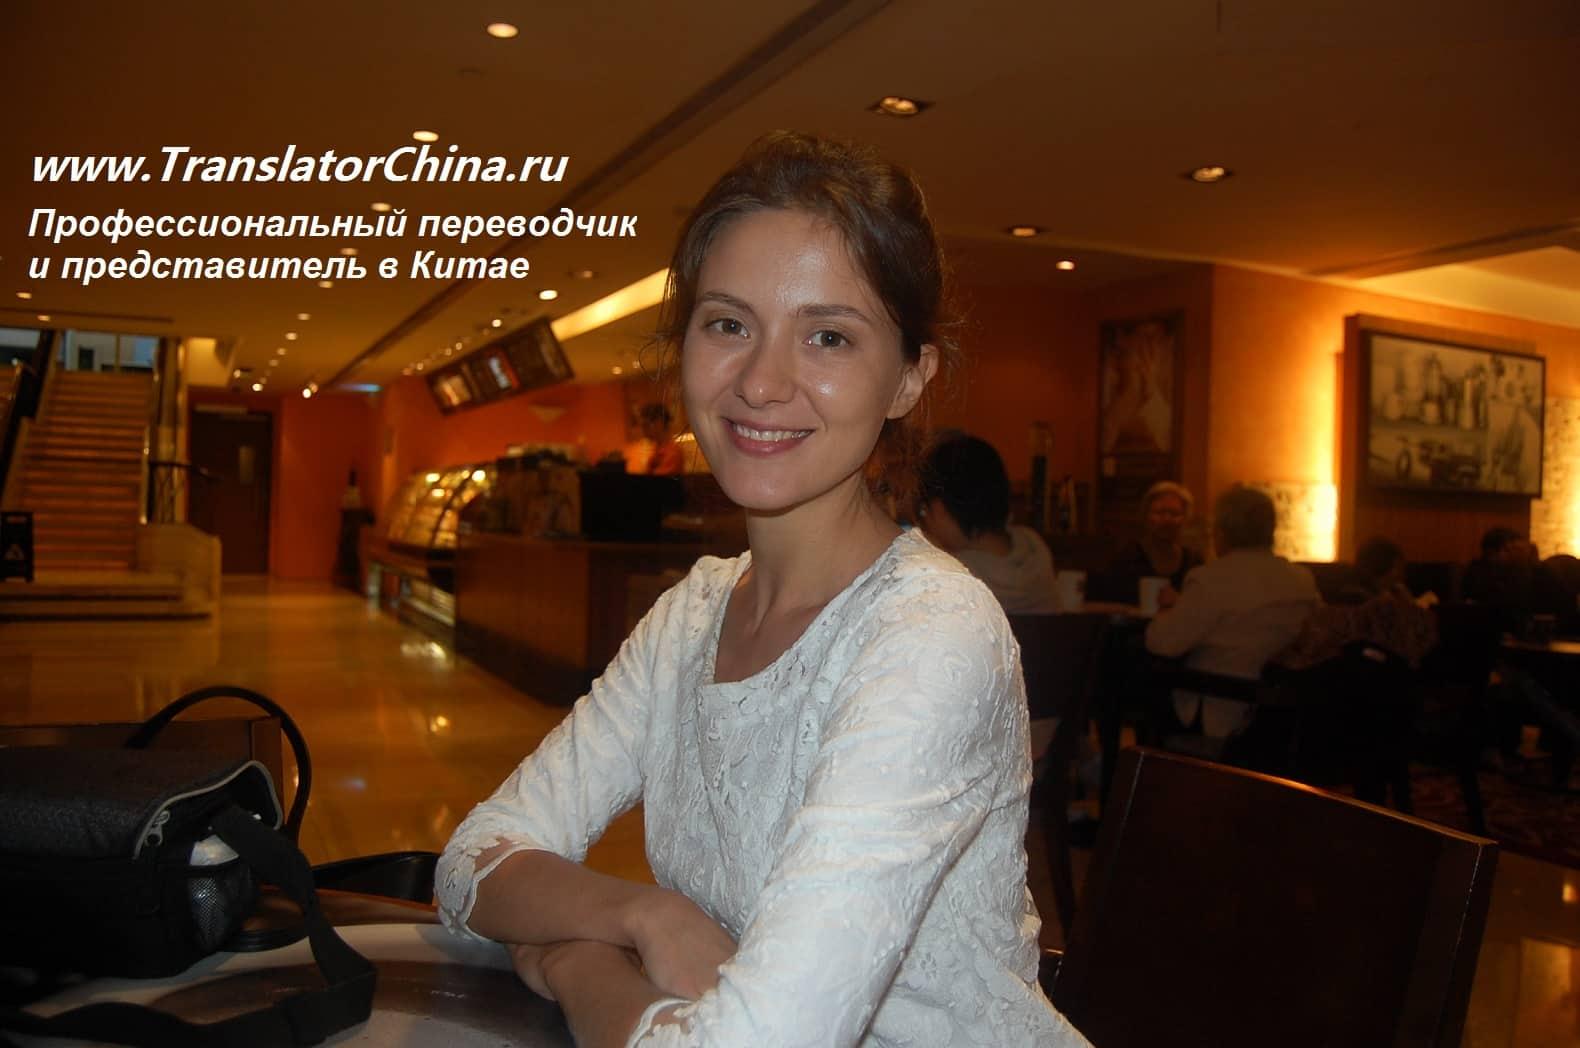 Цена услуг переводчика в Китае, Стоимость услуг